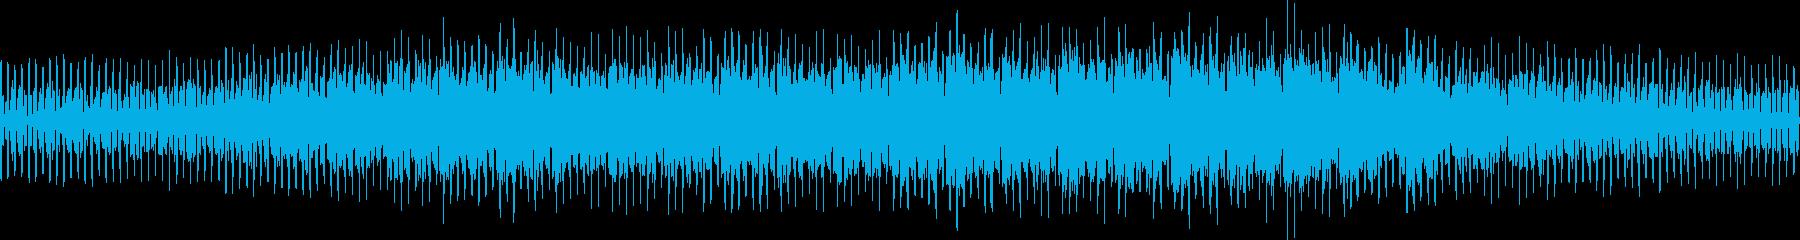 テクノ/暗い穏やか/ニュース/ループの再生済みの波形